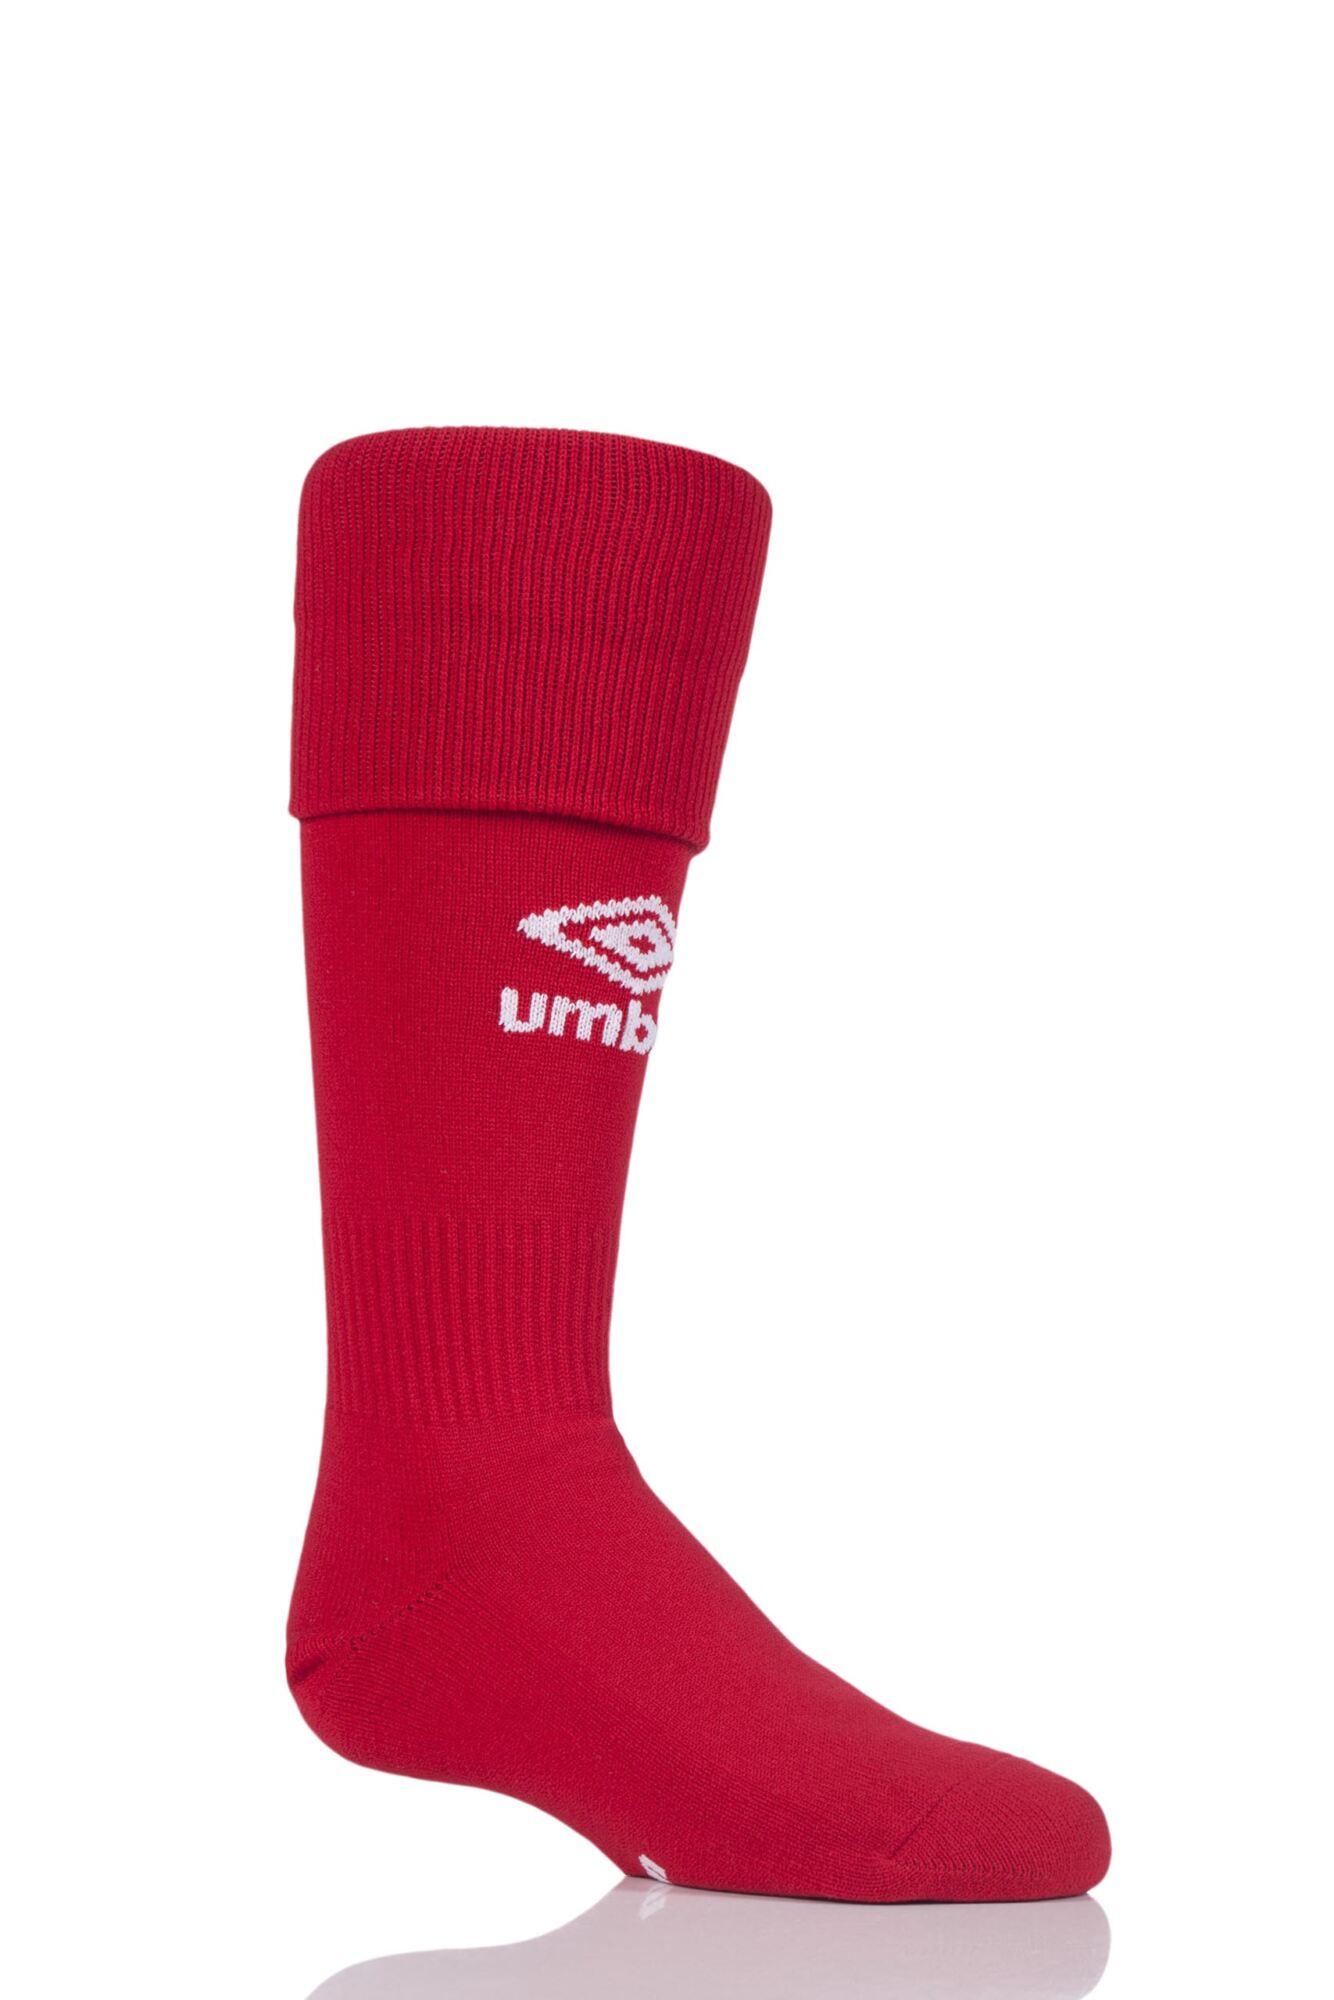 1 Pair League Football Socks Kids Unisex - Umbro